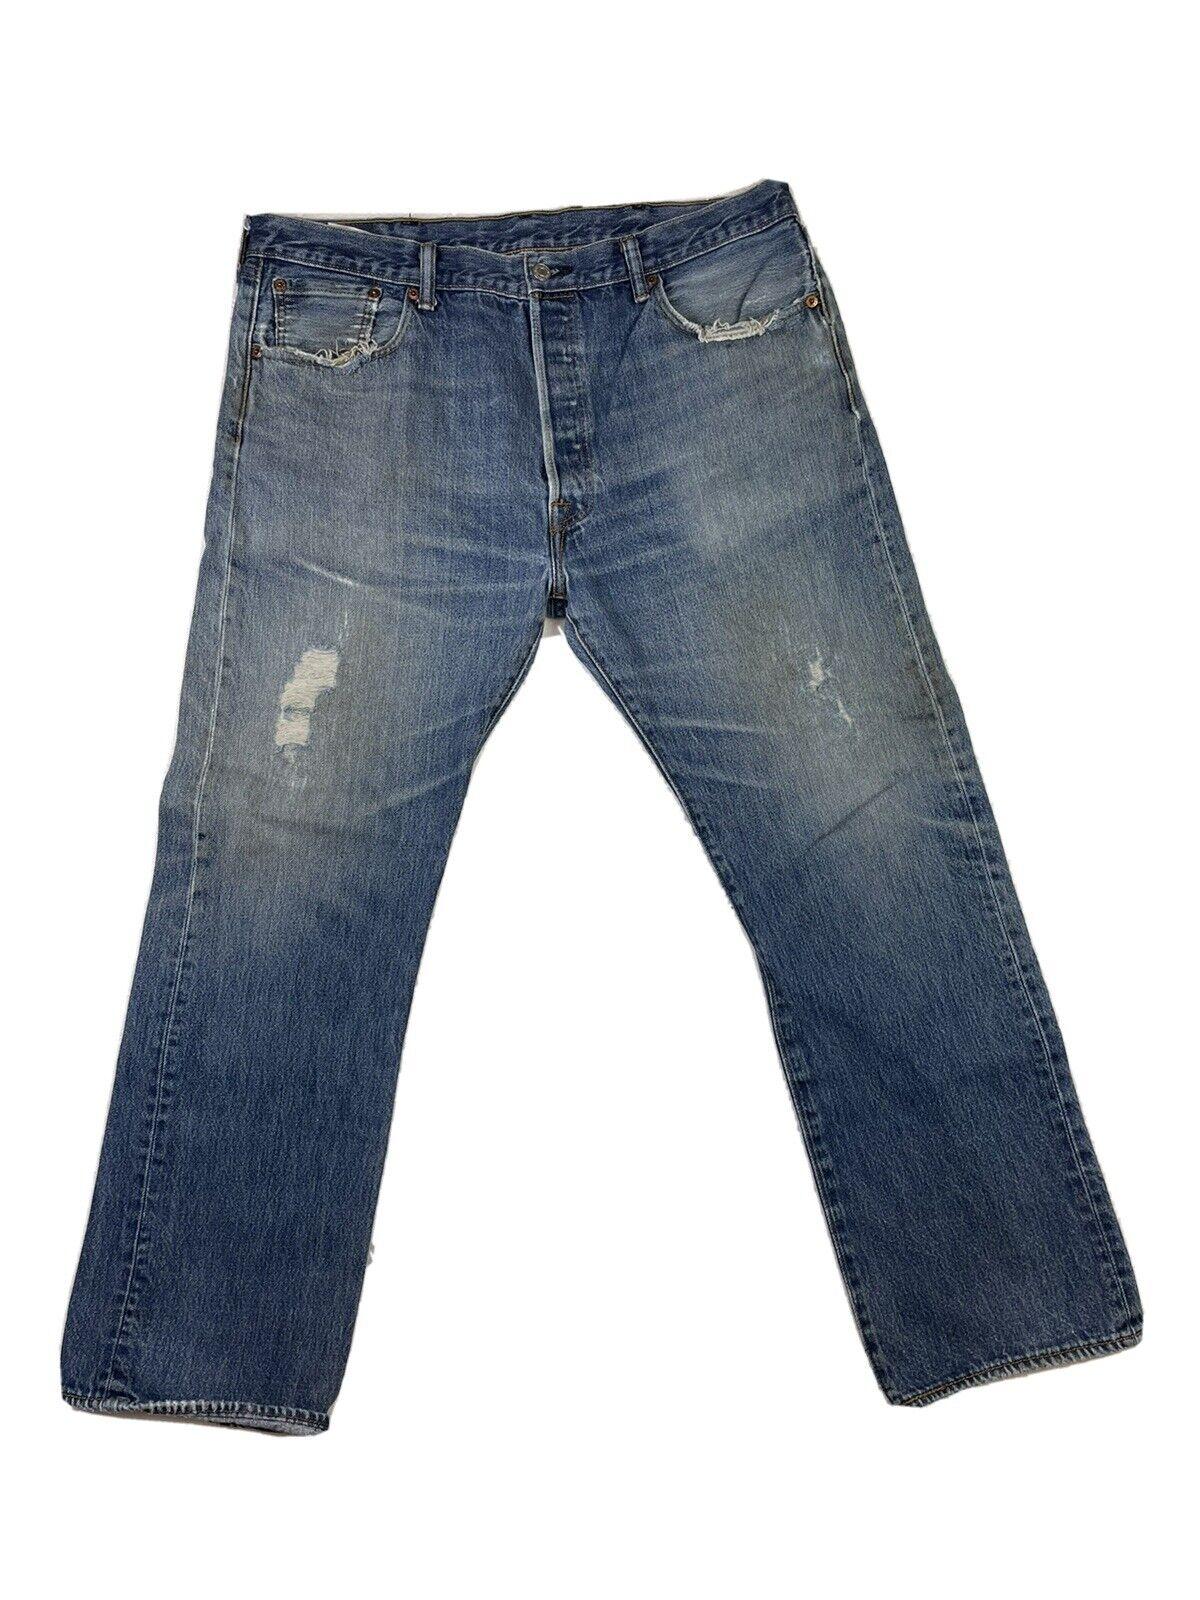 Levis 501 Jeans Mens Size 38x30 Blue Distressed - image 2